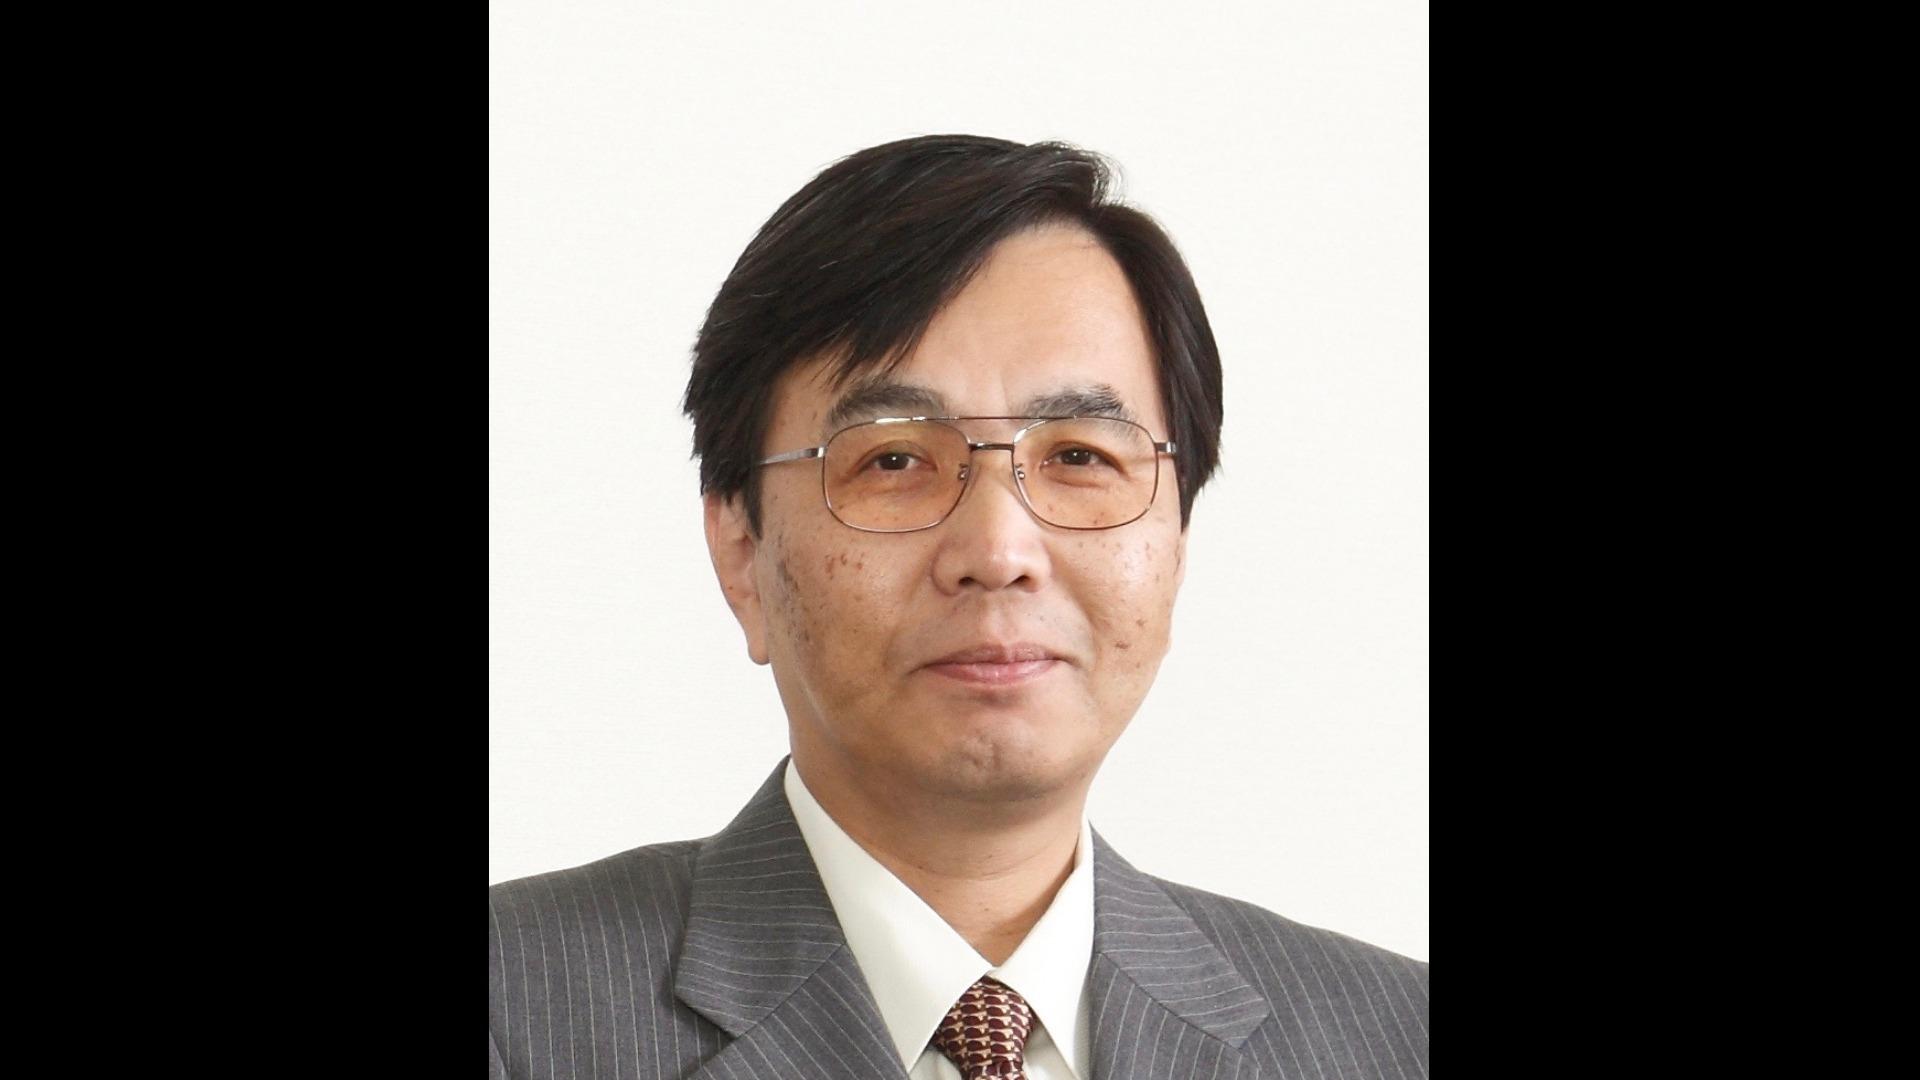 小濱介護経営事務所  小濱 道博